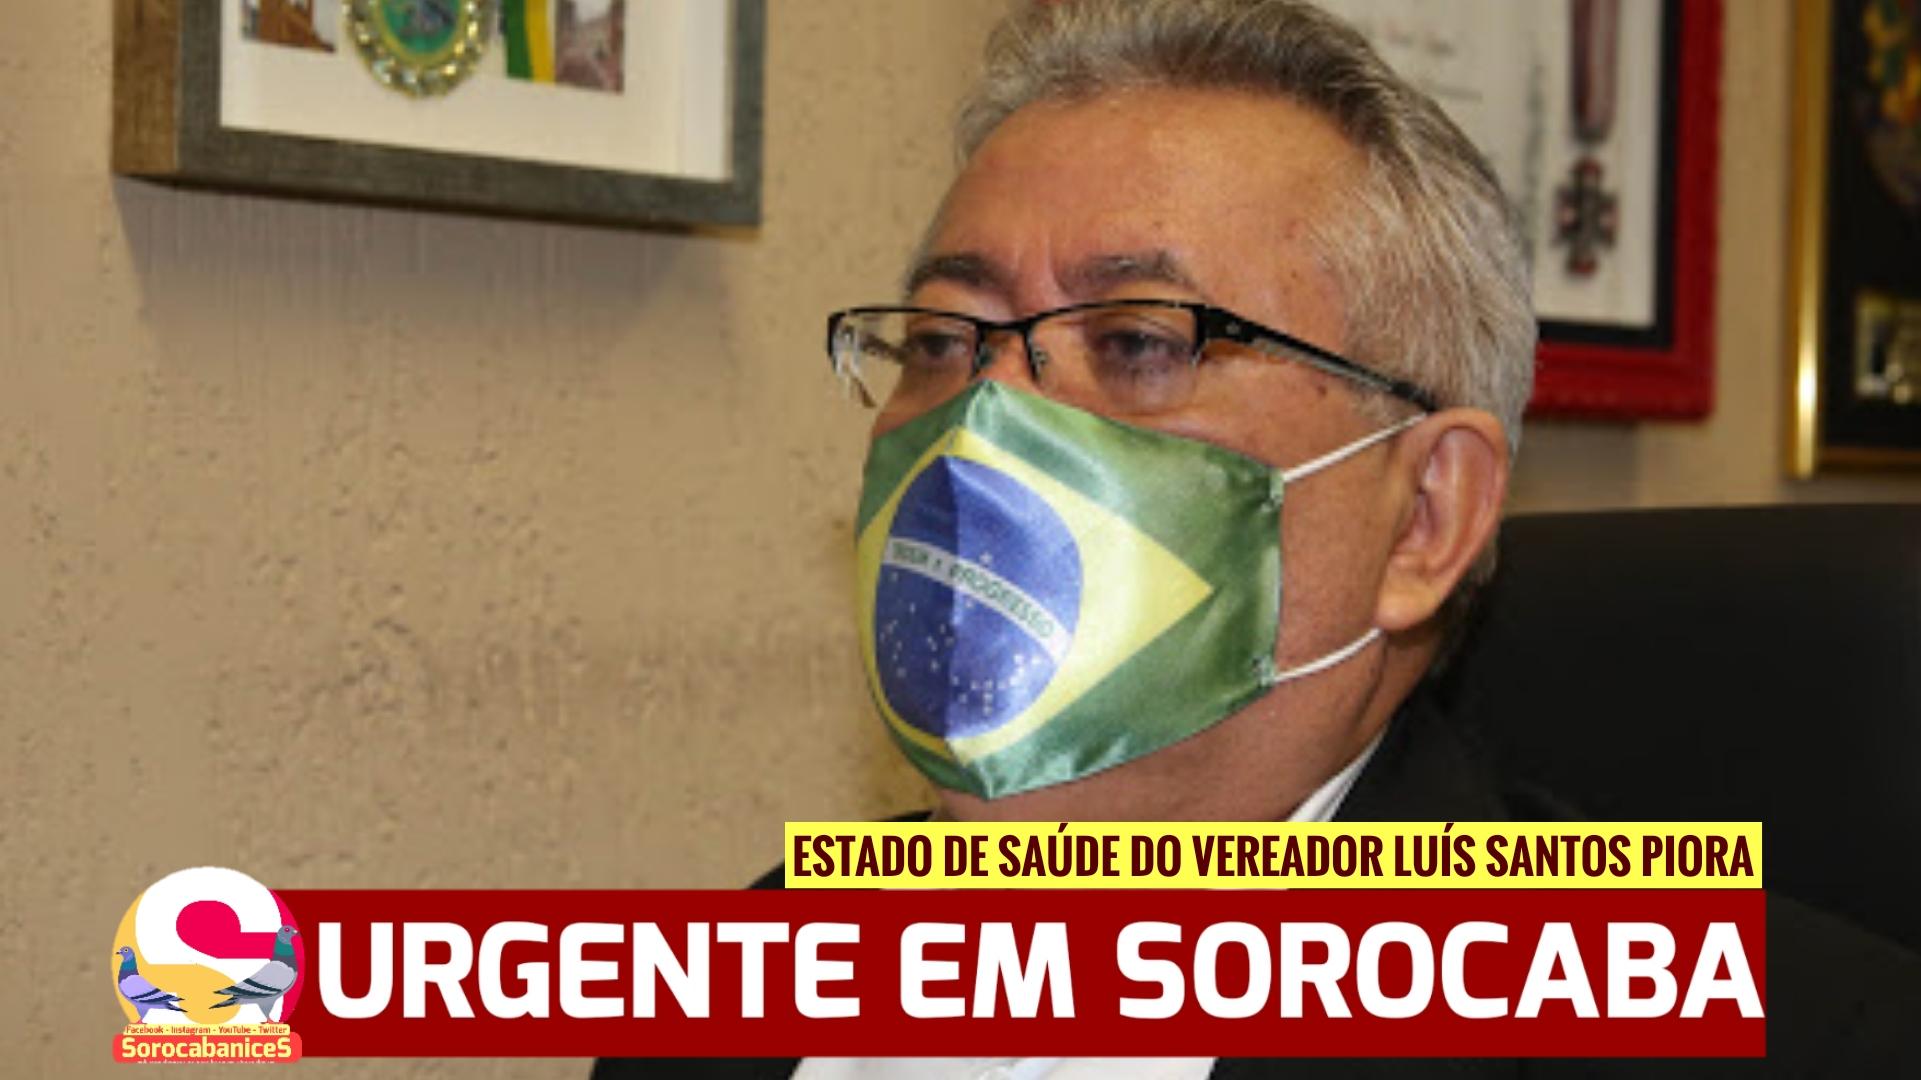 Covid-19: Vereador de Sorocaba Luís Santos piora e é entubado na UTI